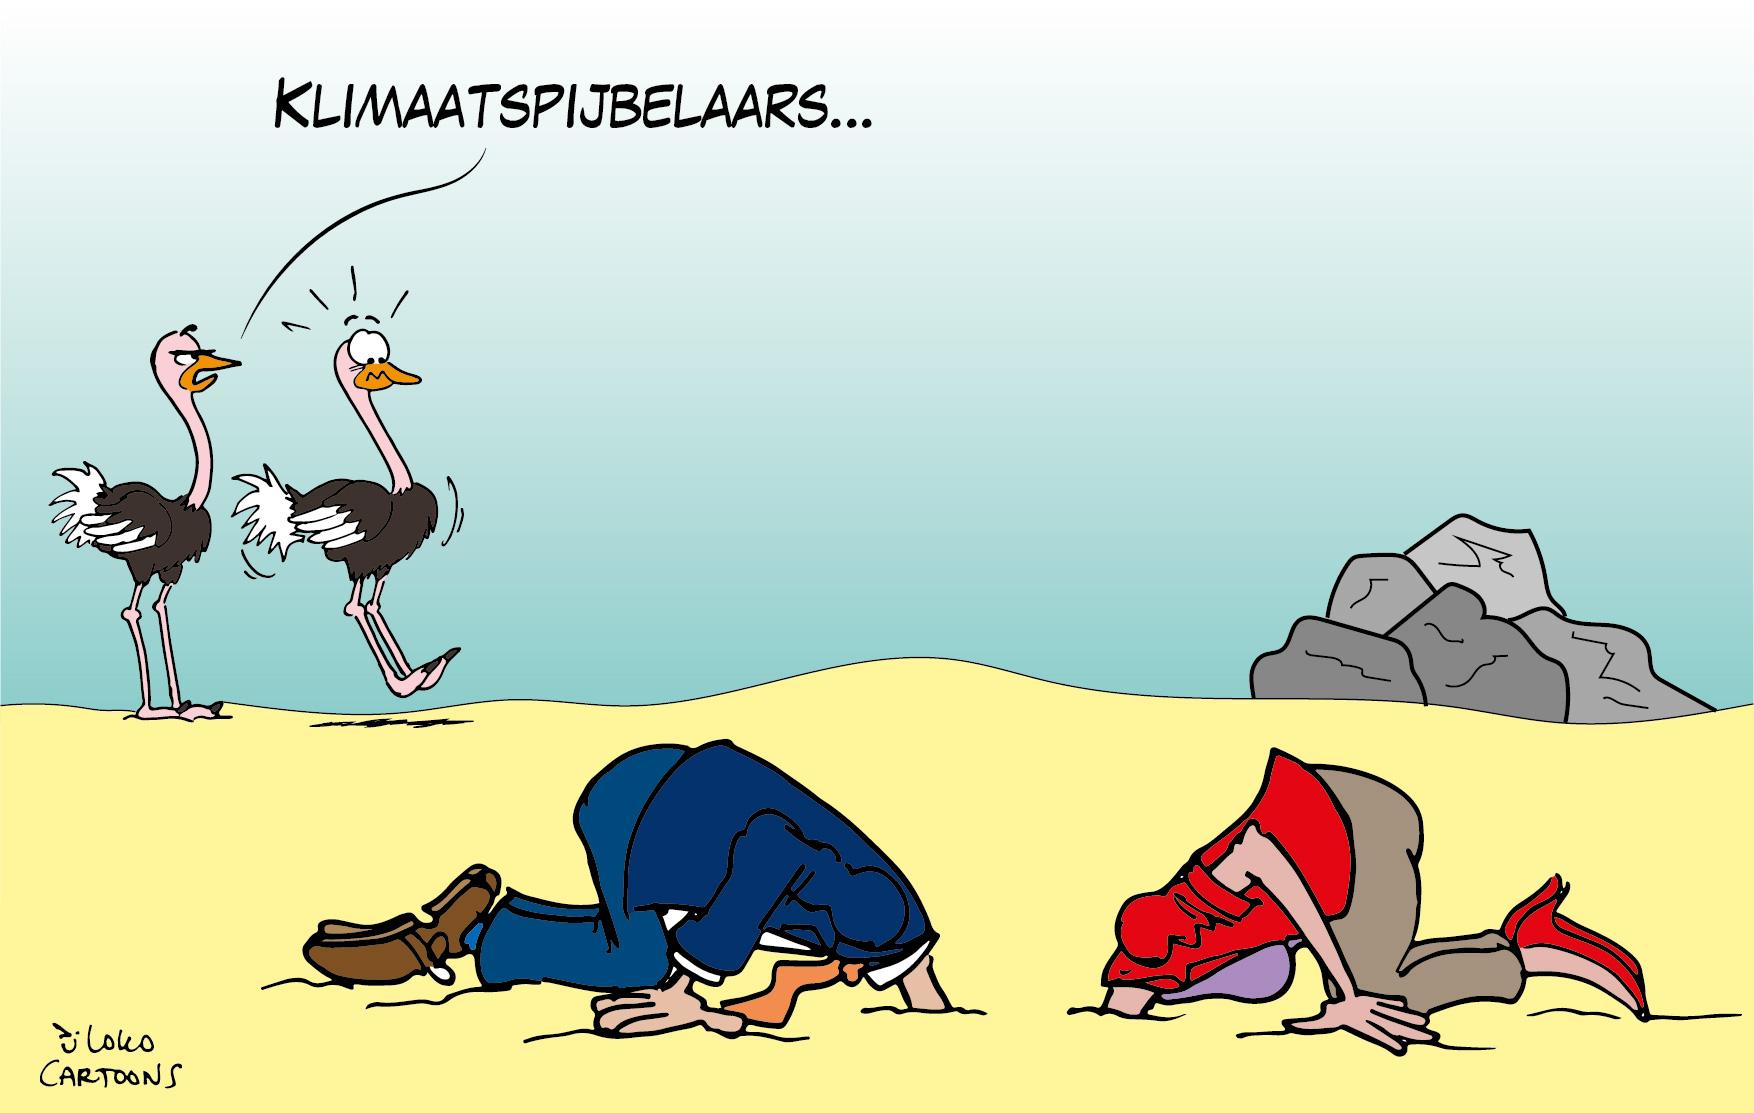 Klimaatspijbelaars…